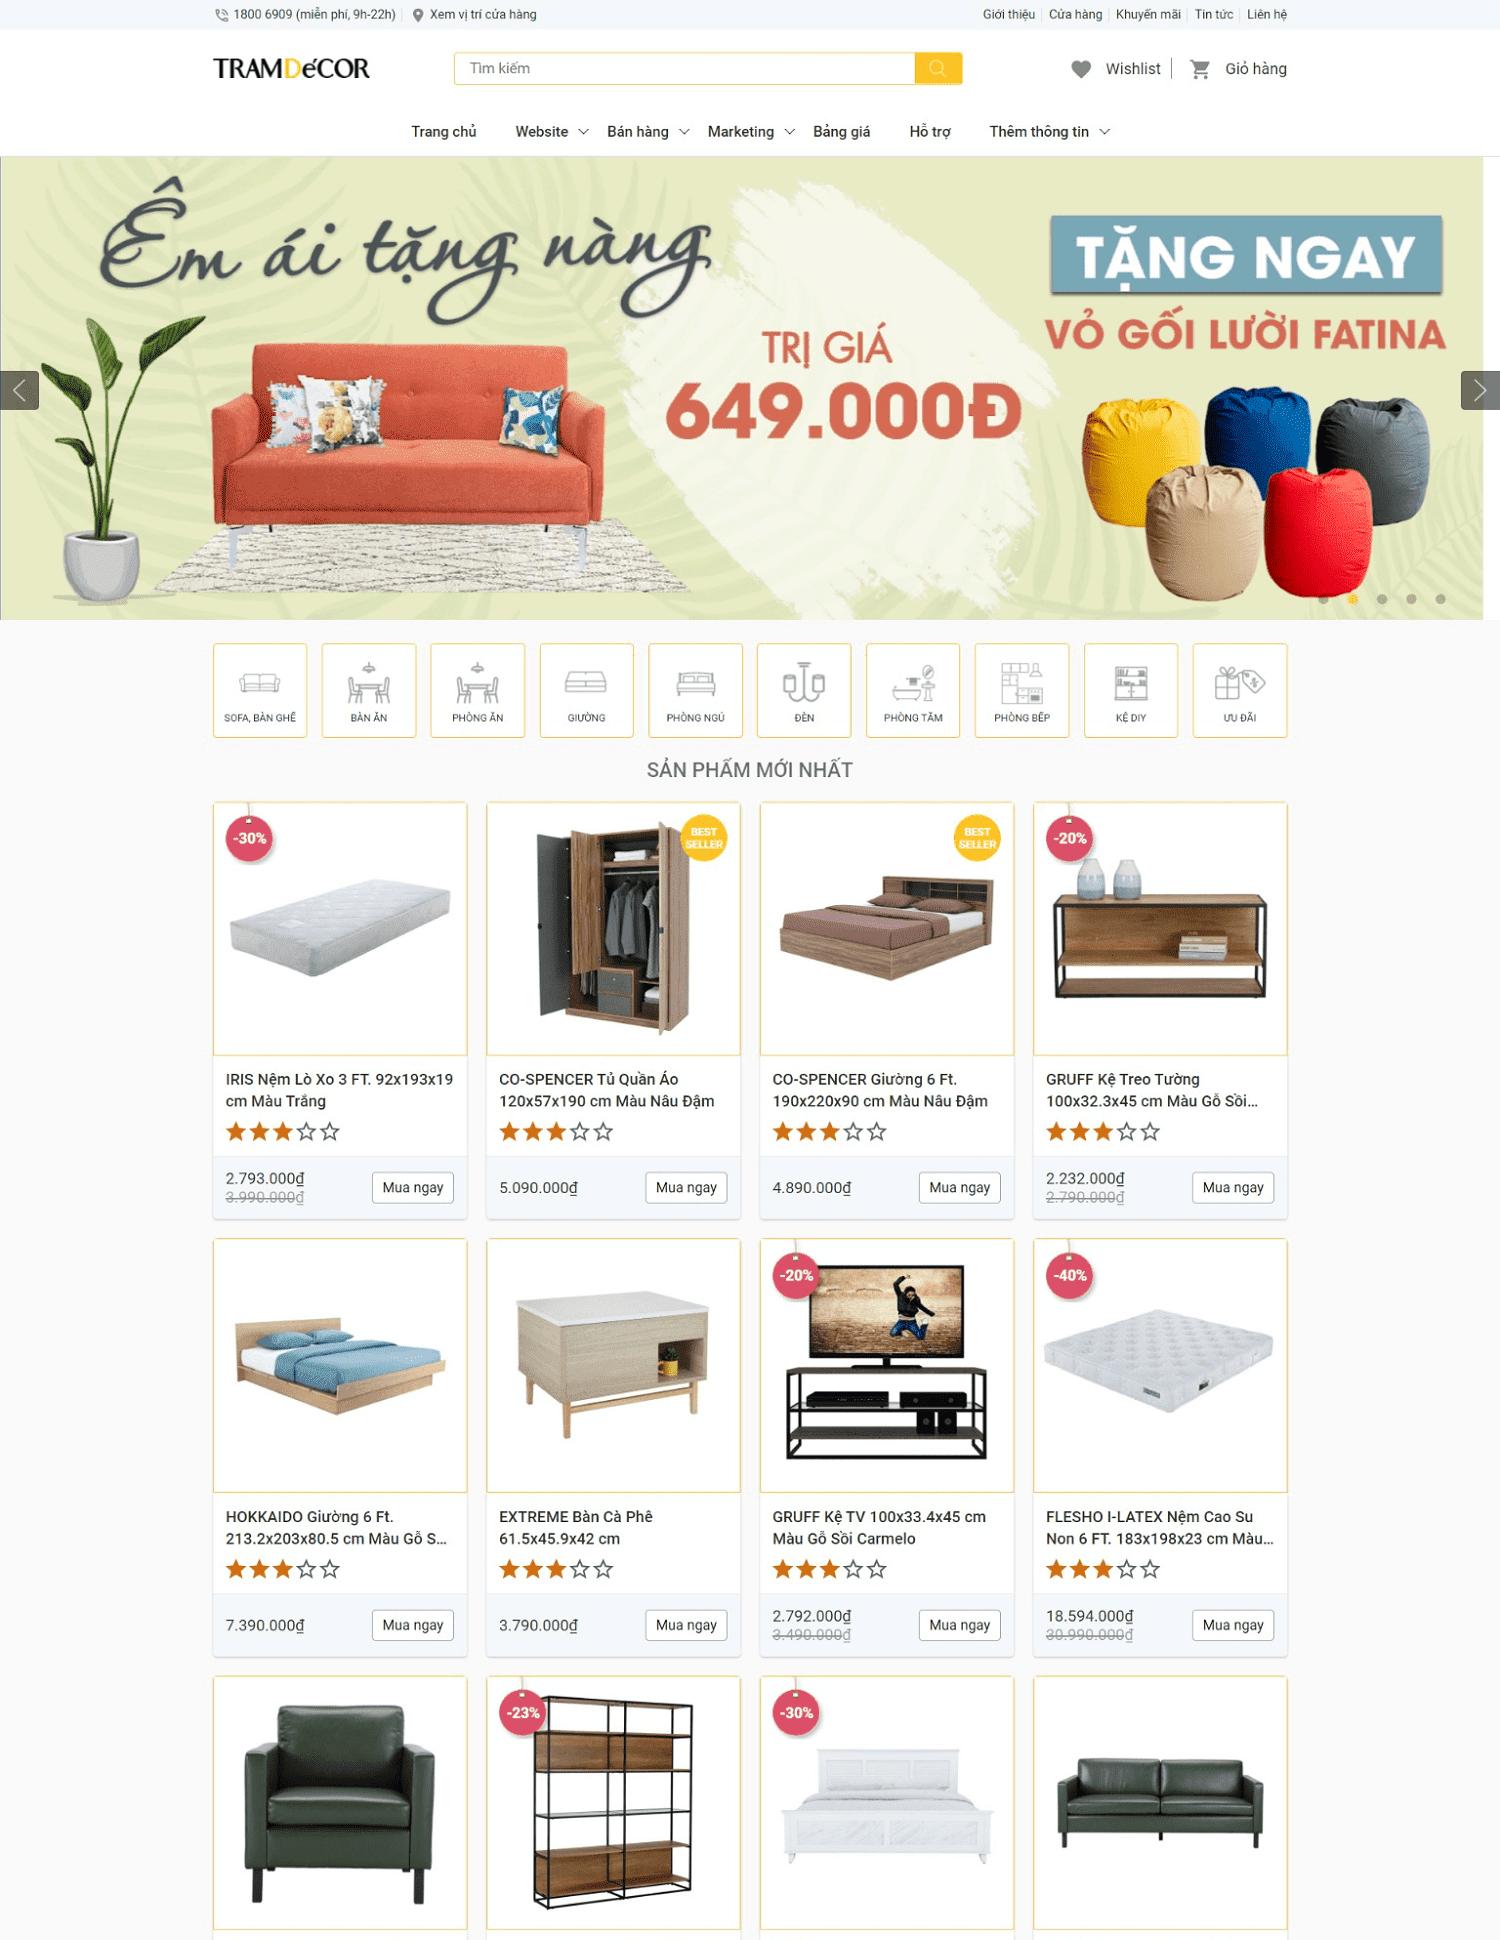 Template blogspot bán hàng cao cấp dễ dùng nhất